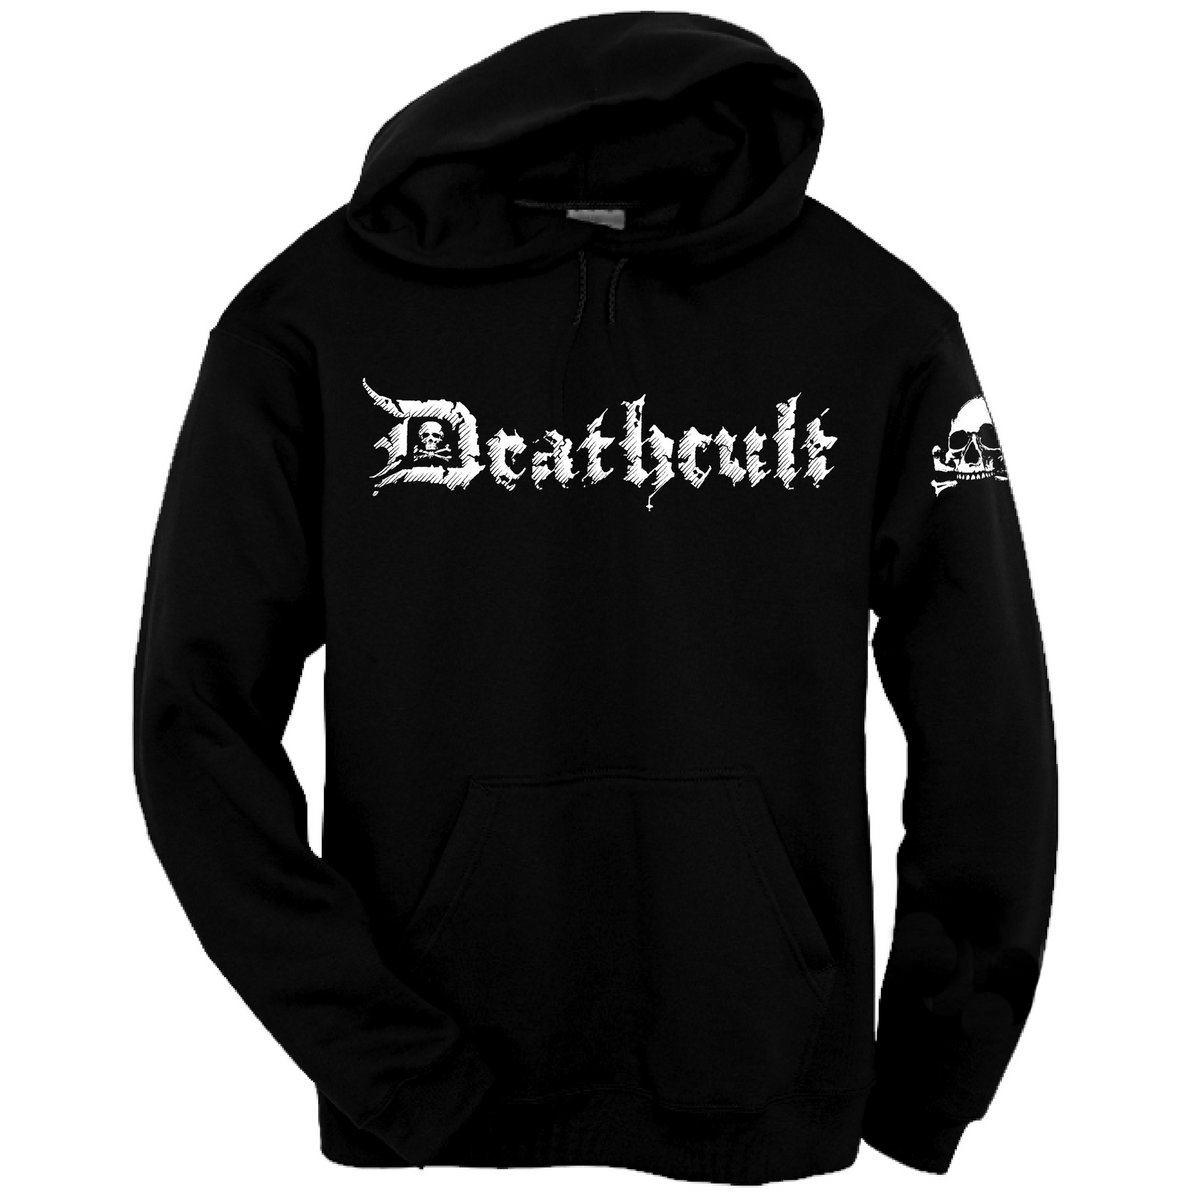 Cruel Norwegian black metal